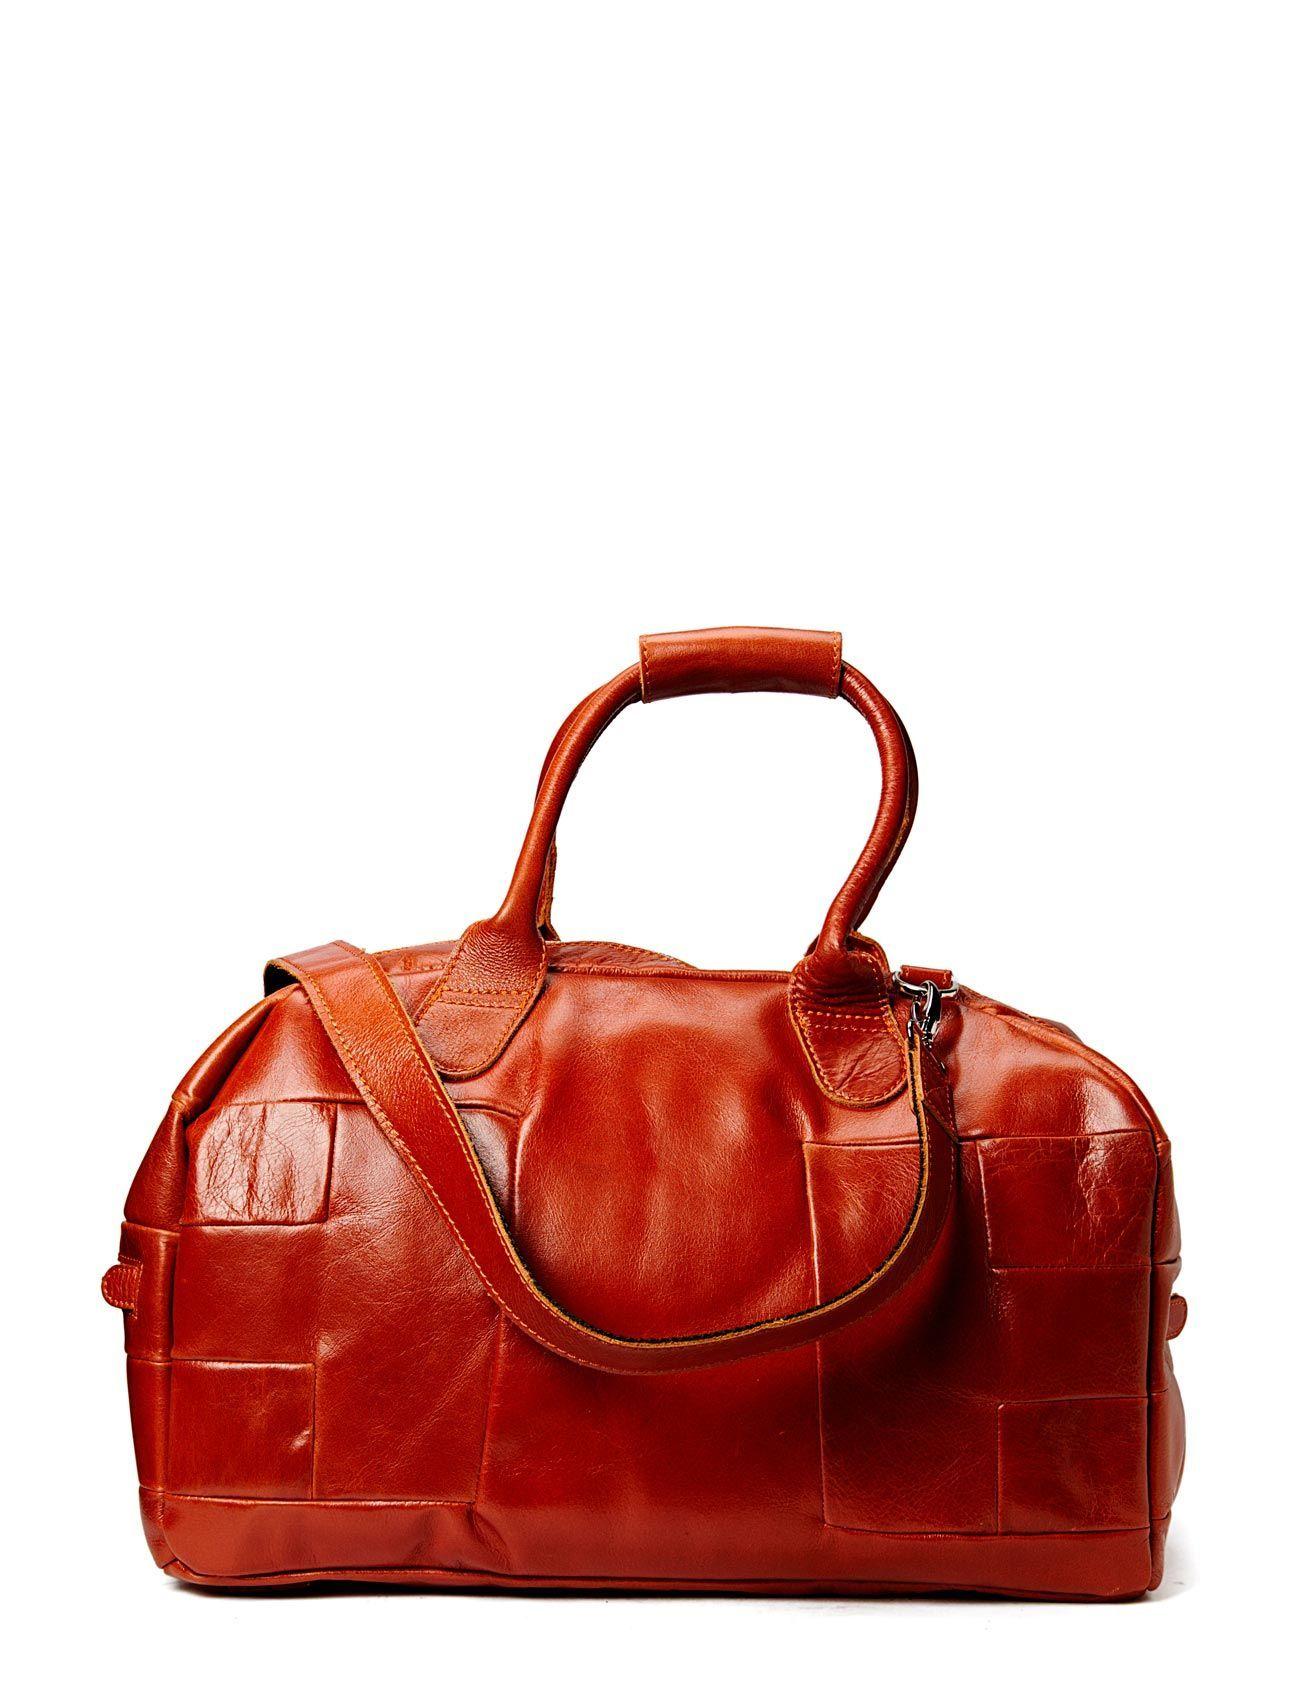 Ball Bag Royal RepubliQ Weekendtasker til Herrer i cognac